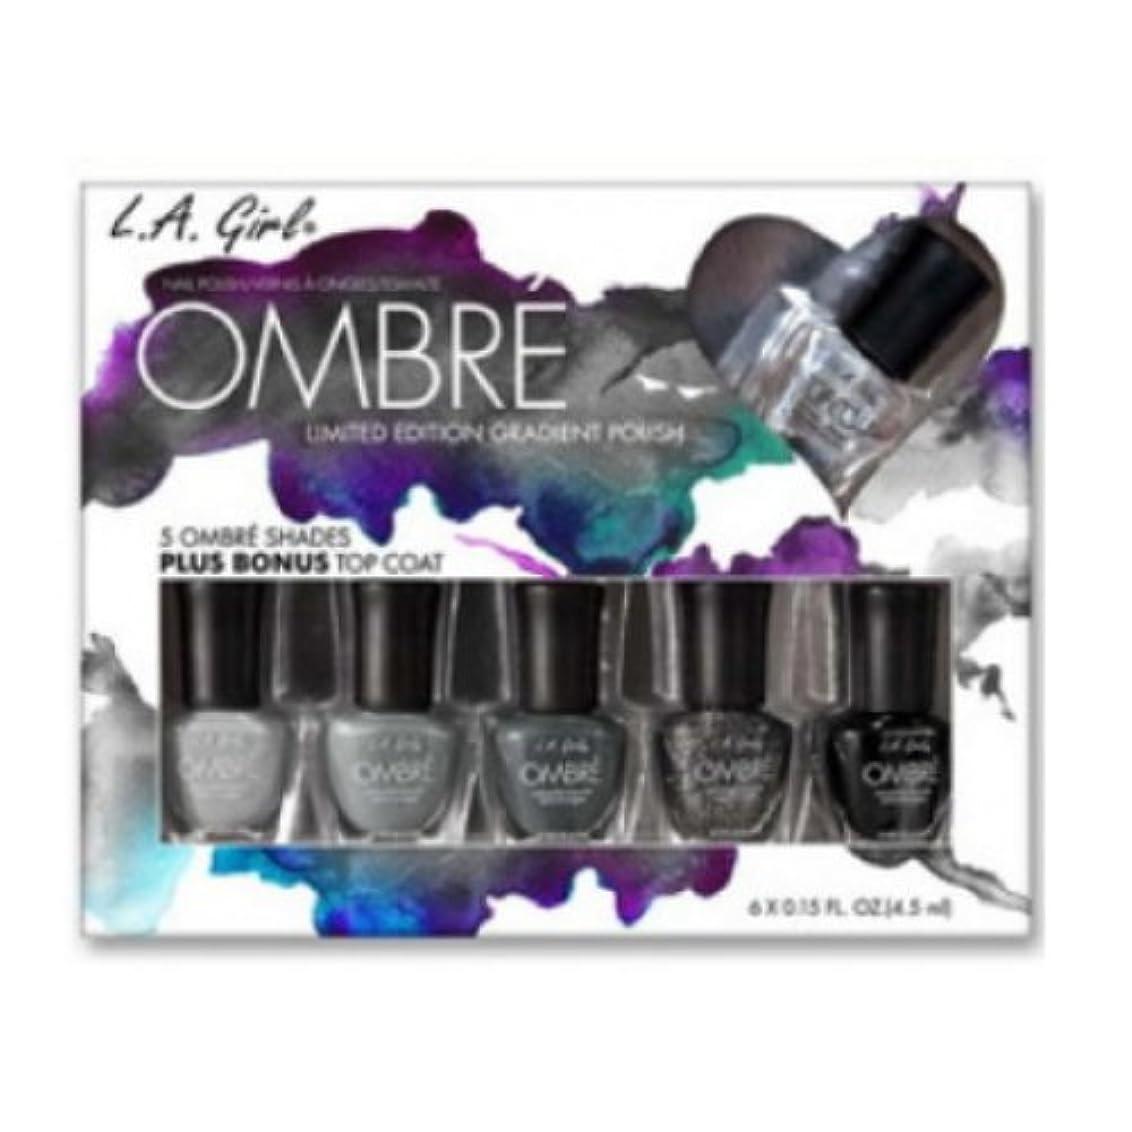 予想外ミュージカルロシア(6 Pack) L.A. GIRL Ombre Limited Edition Gradient Polish Set - Midnite (並行輸入品)